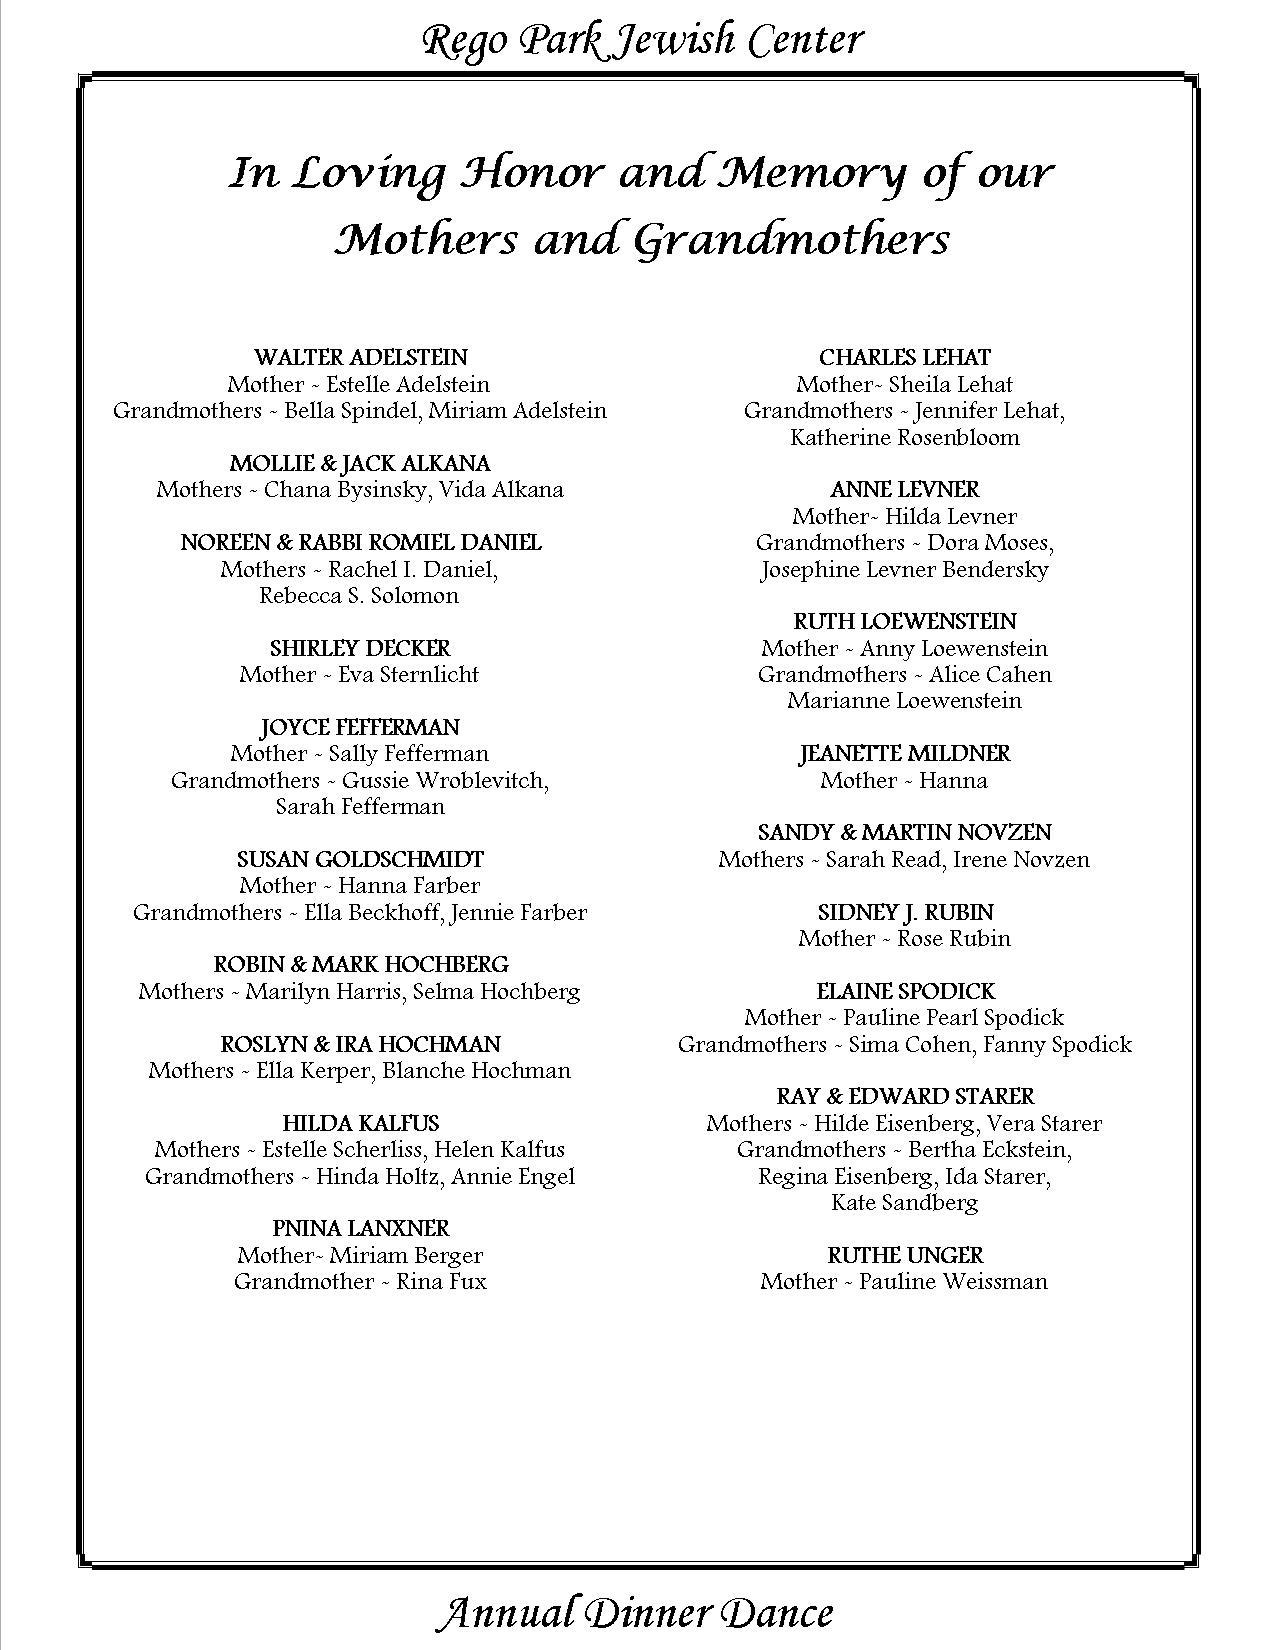 Mothers Prelim page 9 - Copy.jpg